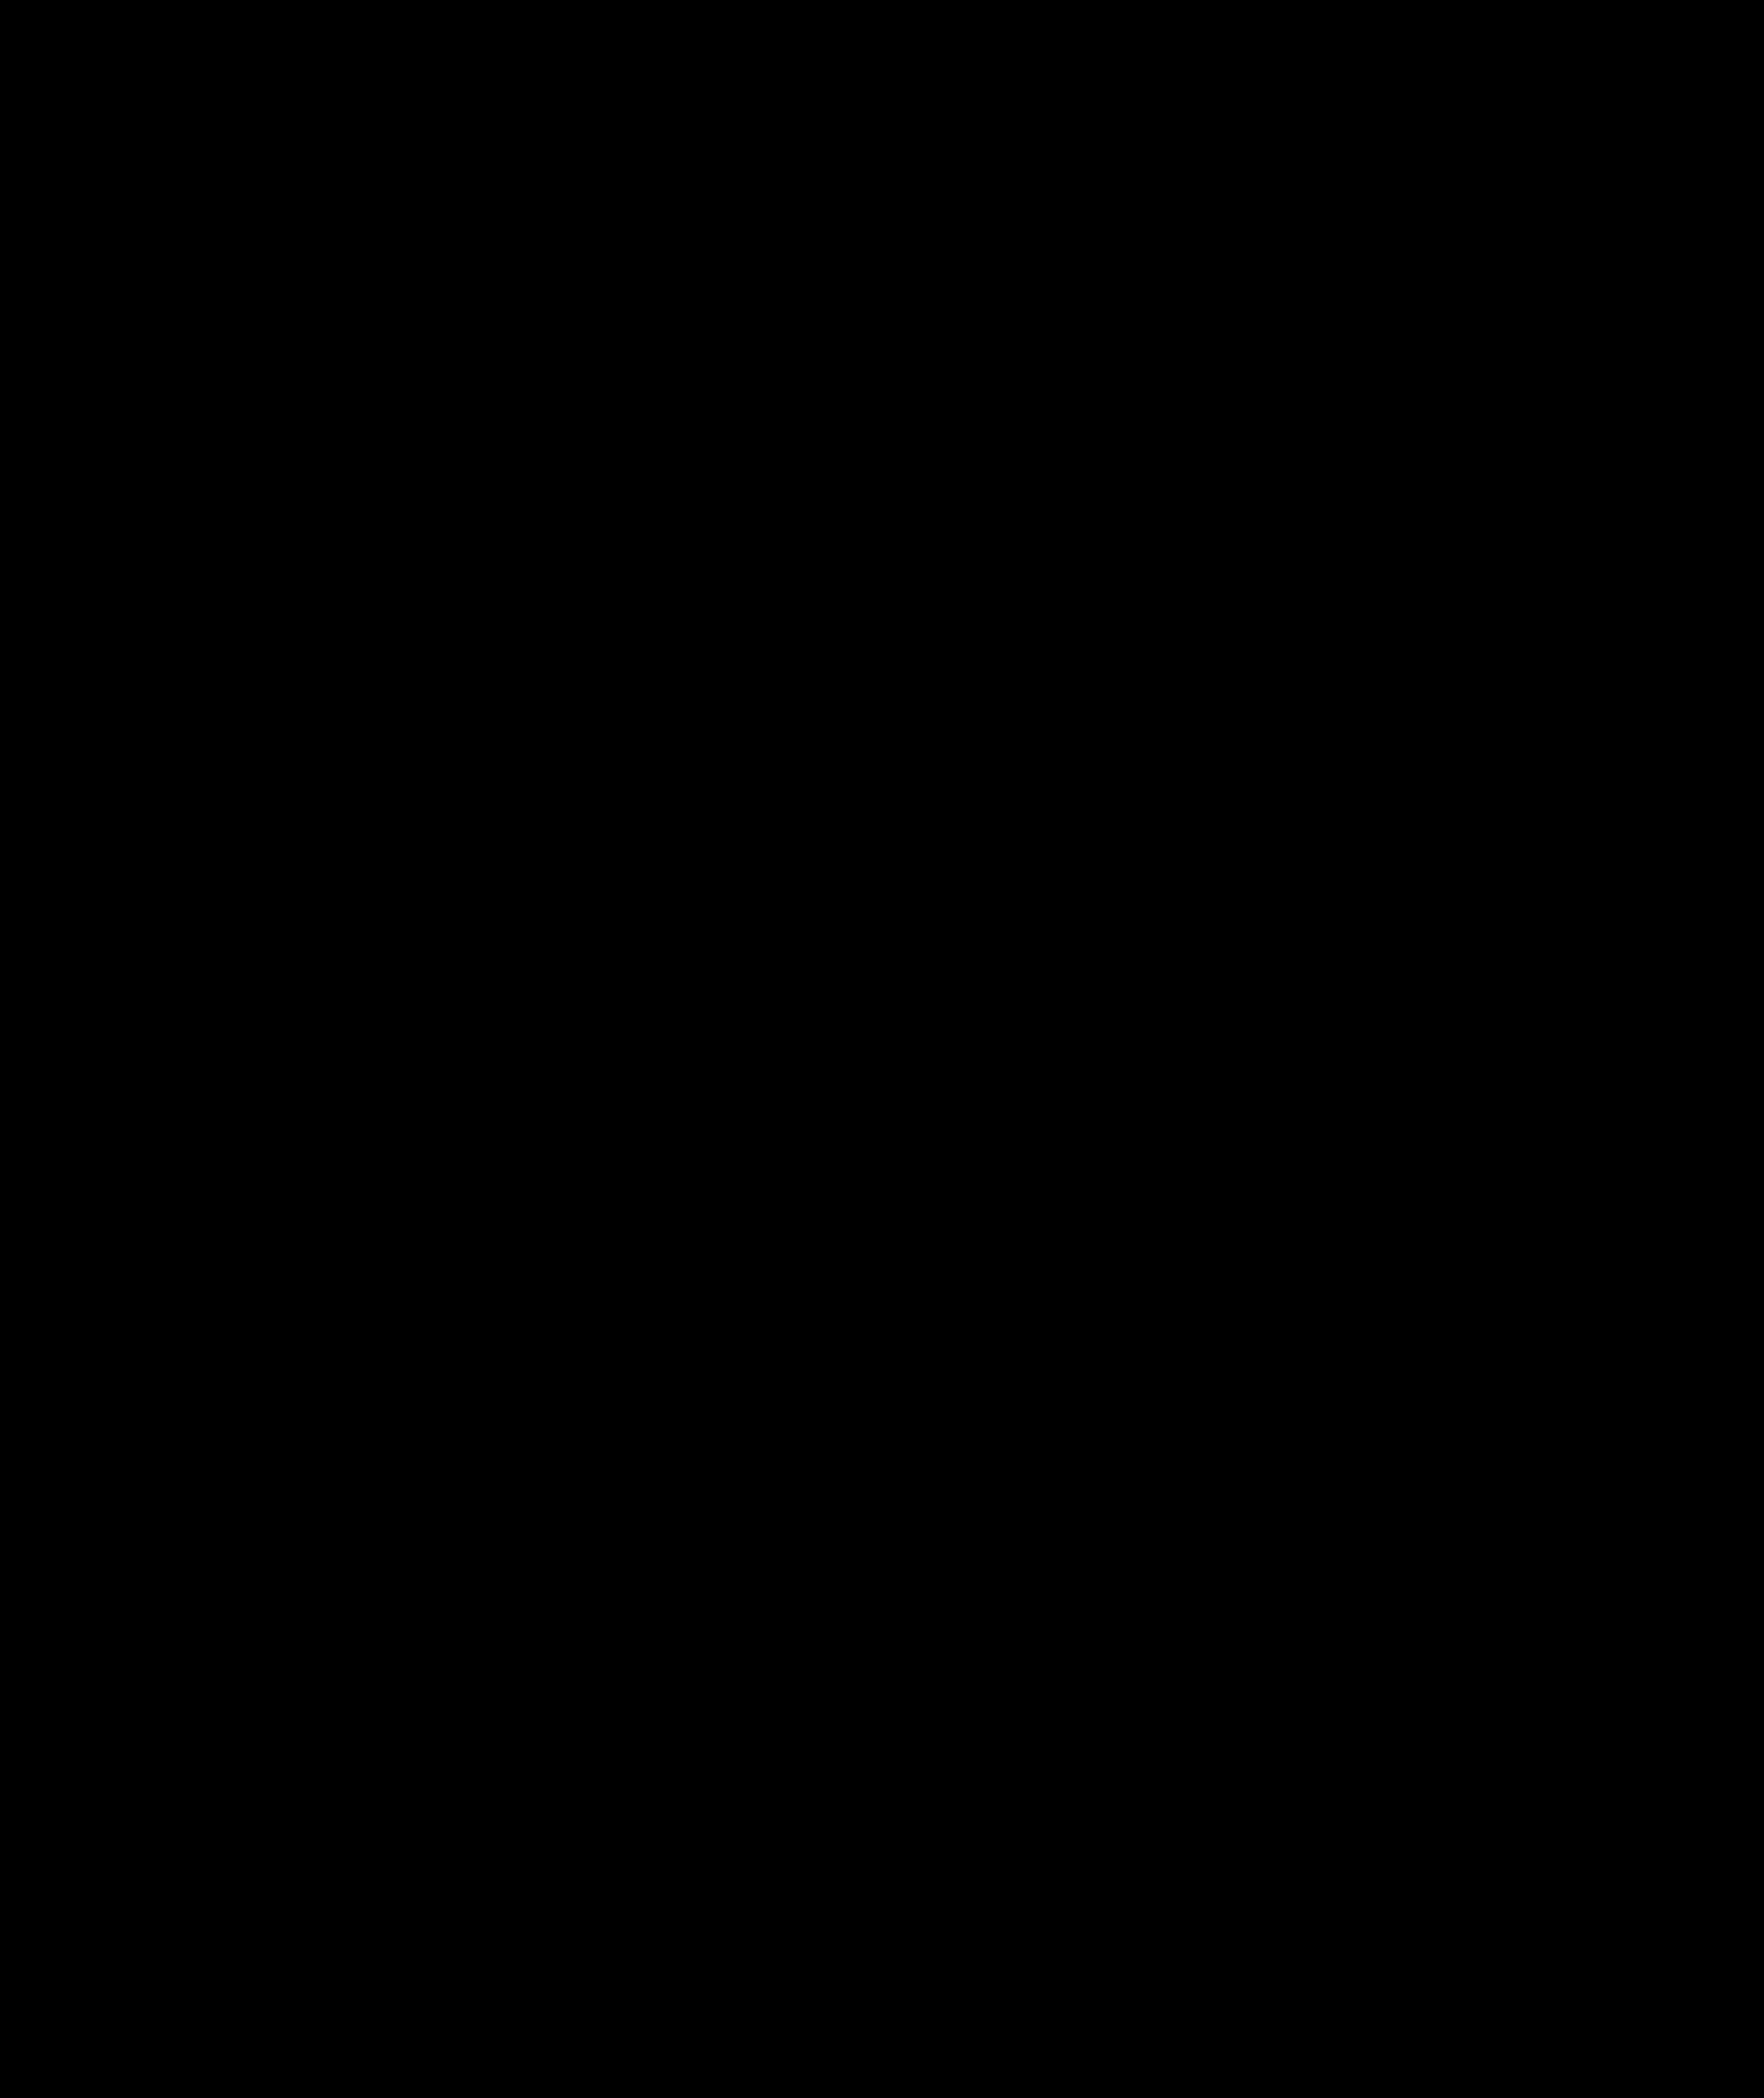 ランボルギーニが史上最高の2000億円を投じるブランド戦略を発表。30年までにはフルEVの新モデルも